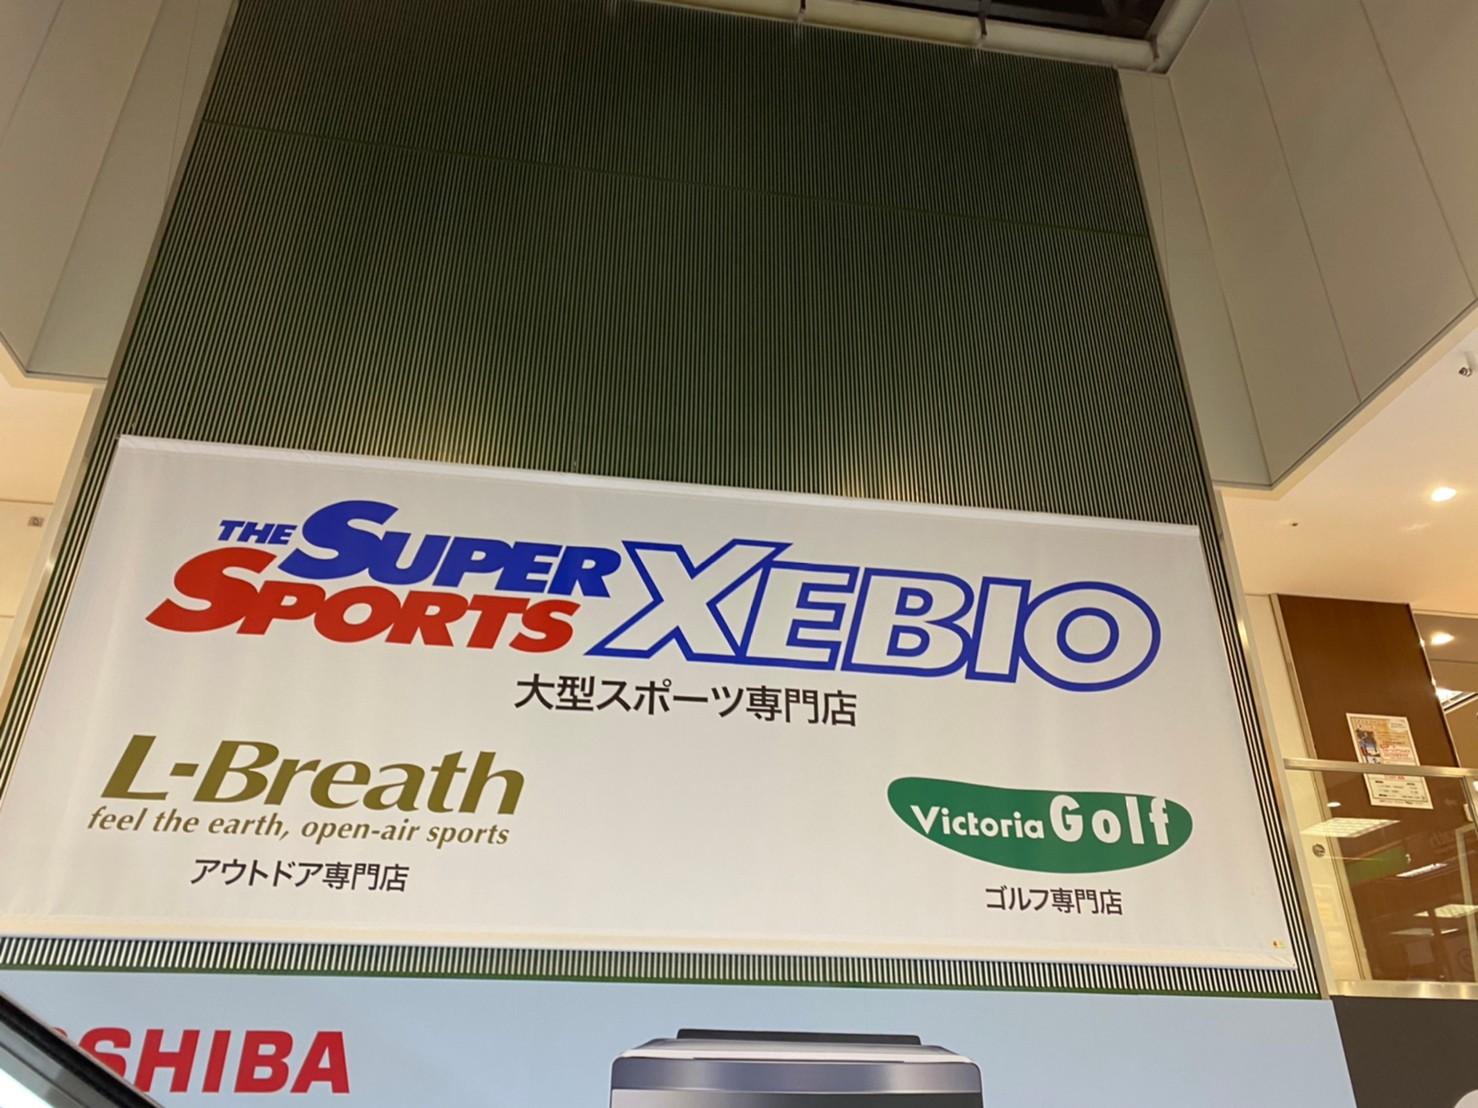 あの人気のスポーツブランド『アウトレット』価格で販売⁉︎『コクーンシティ 』にある『スーパースポーツゼビオ』に行ってみた。